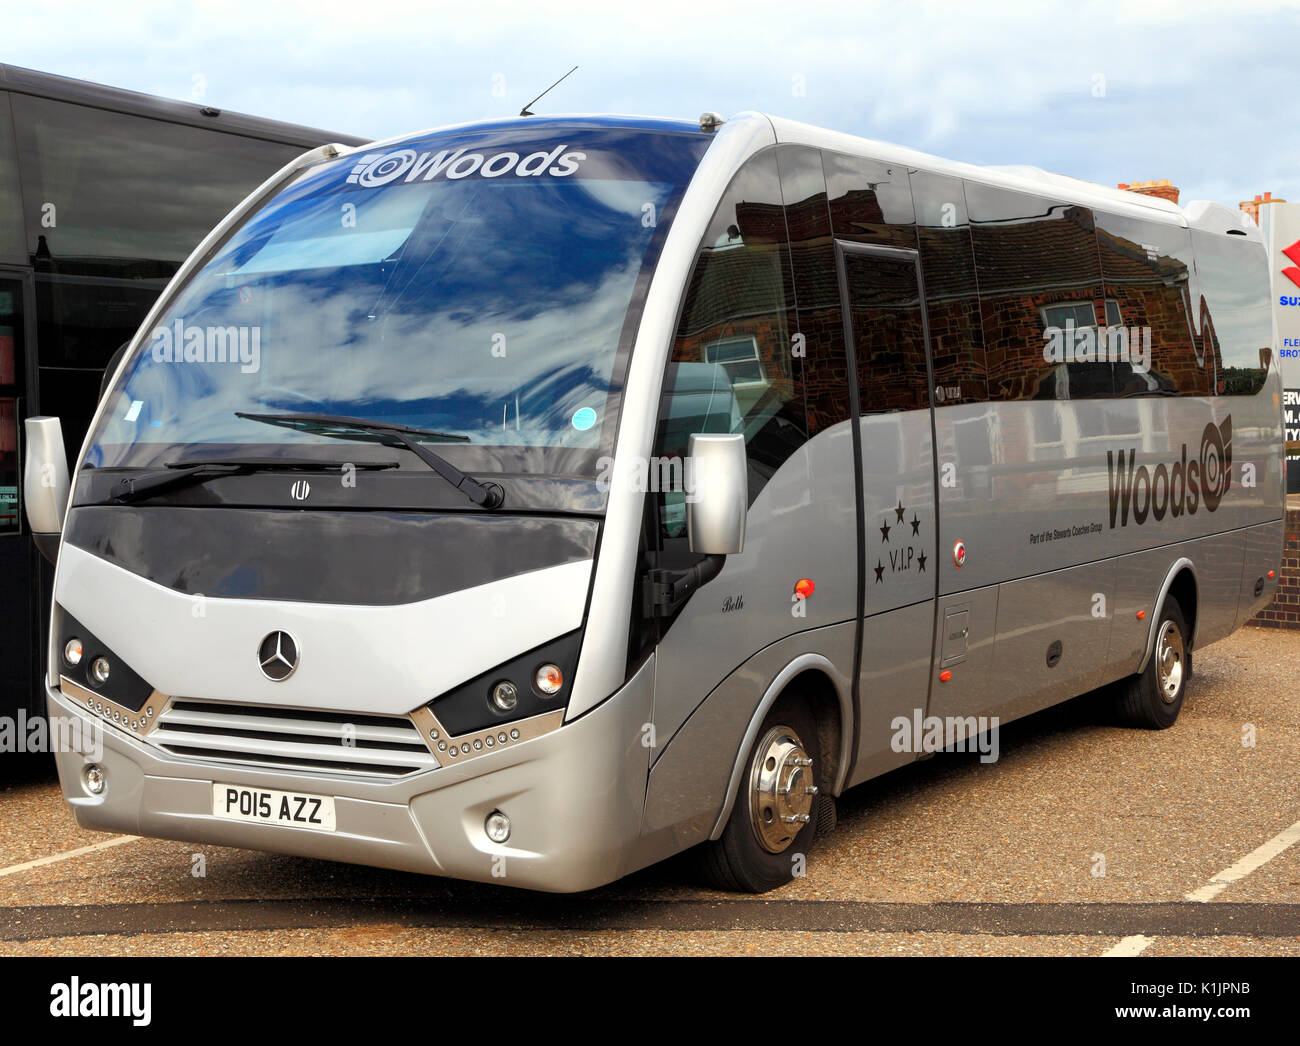 Woods, les entraîneurs, les excursions en mini-bus, voyage, excursion, excursions, voyages, vacances, jours fériés, entreprises, voyages, transports, England, UK Photo Stock